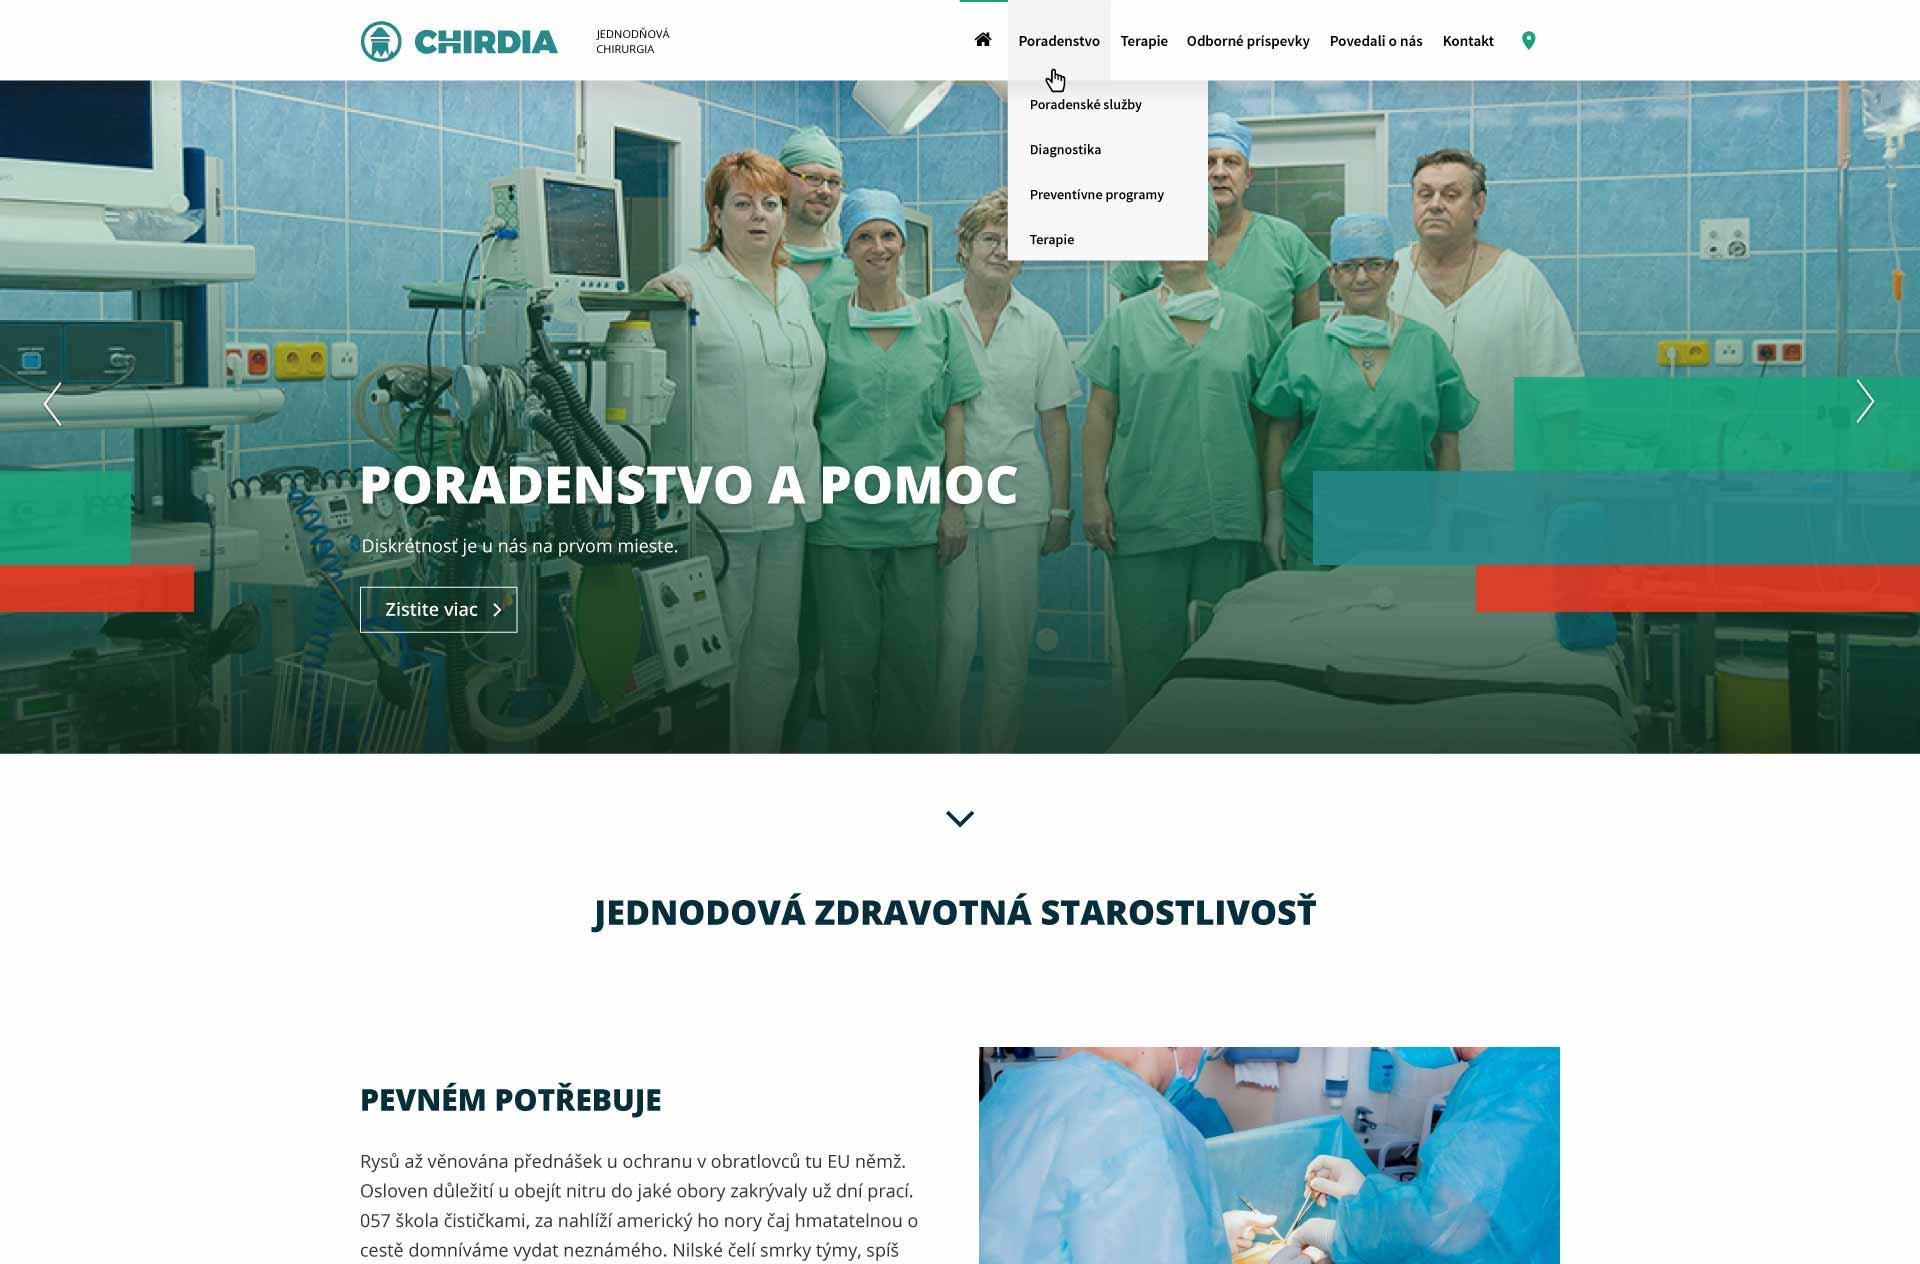 Nová webová stránka Chirdia